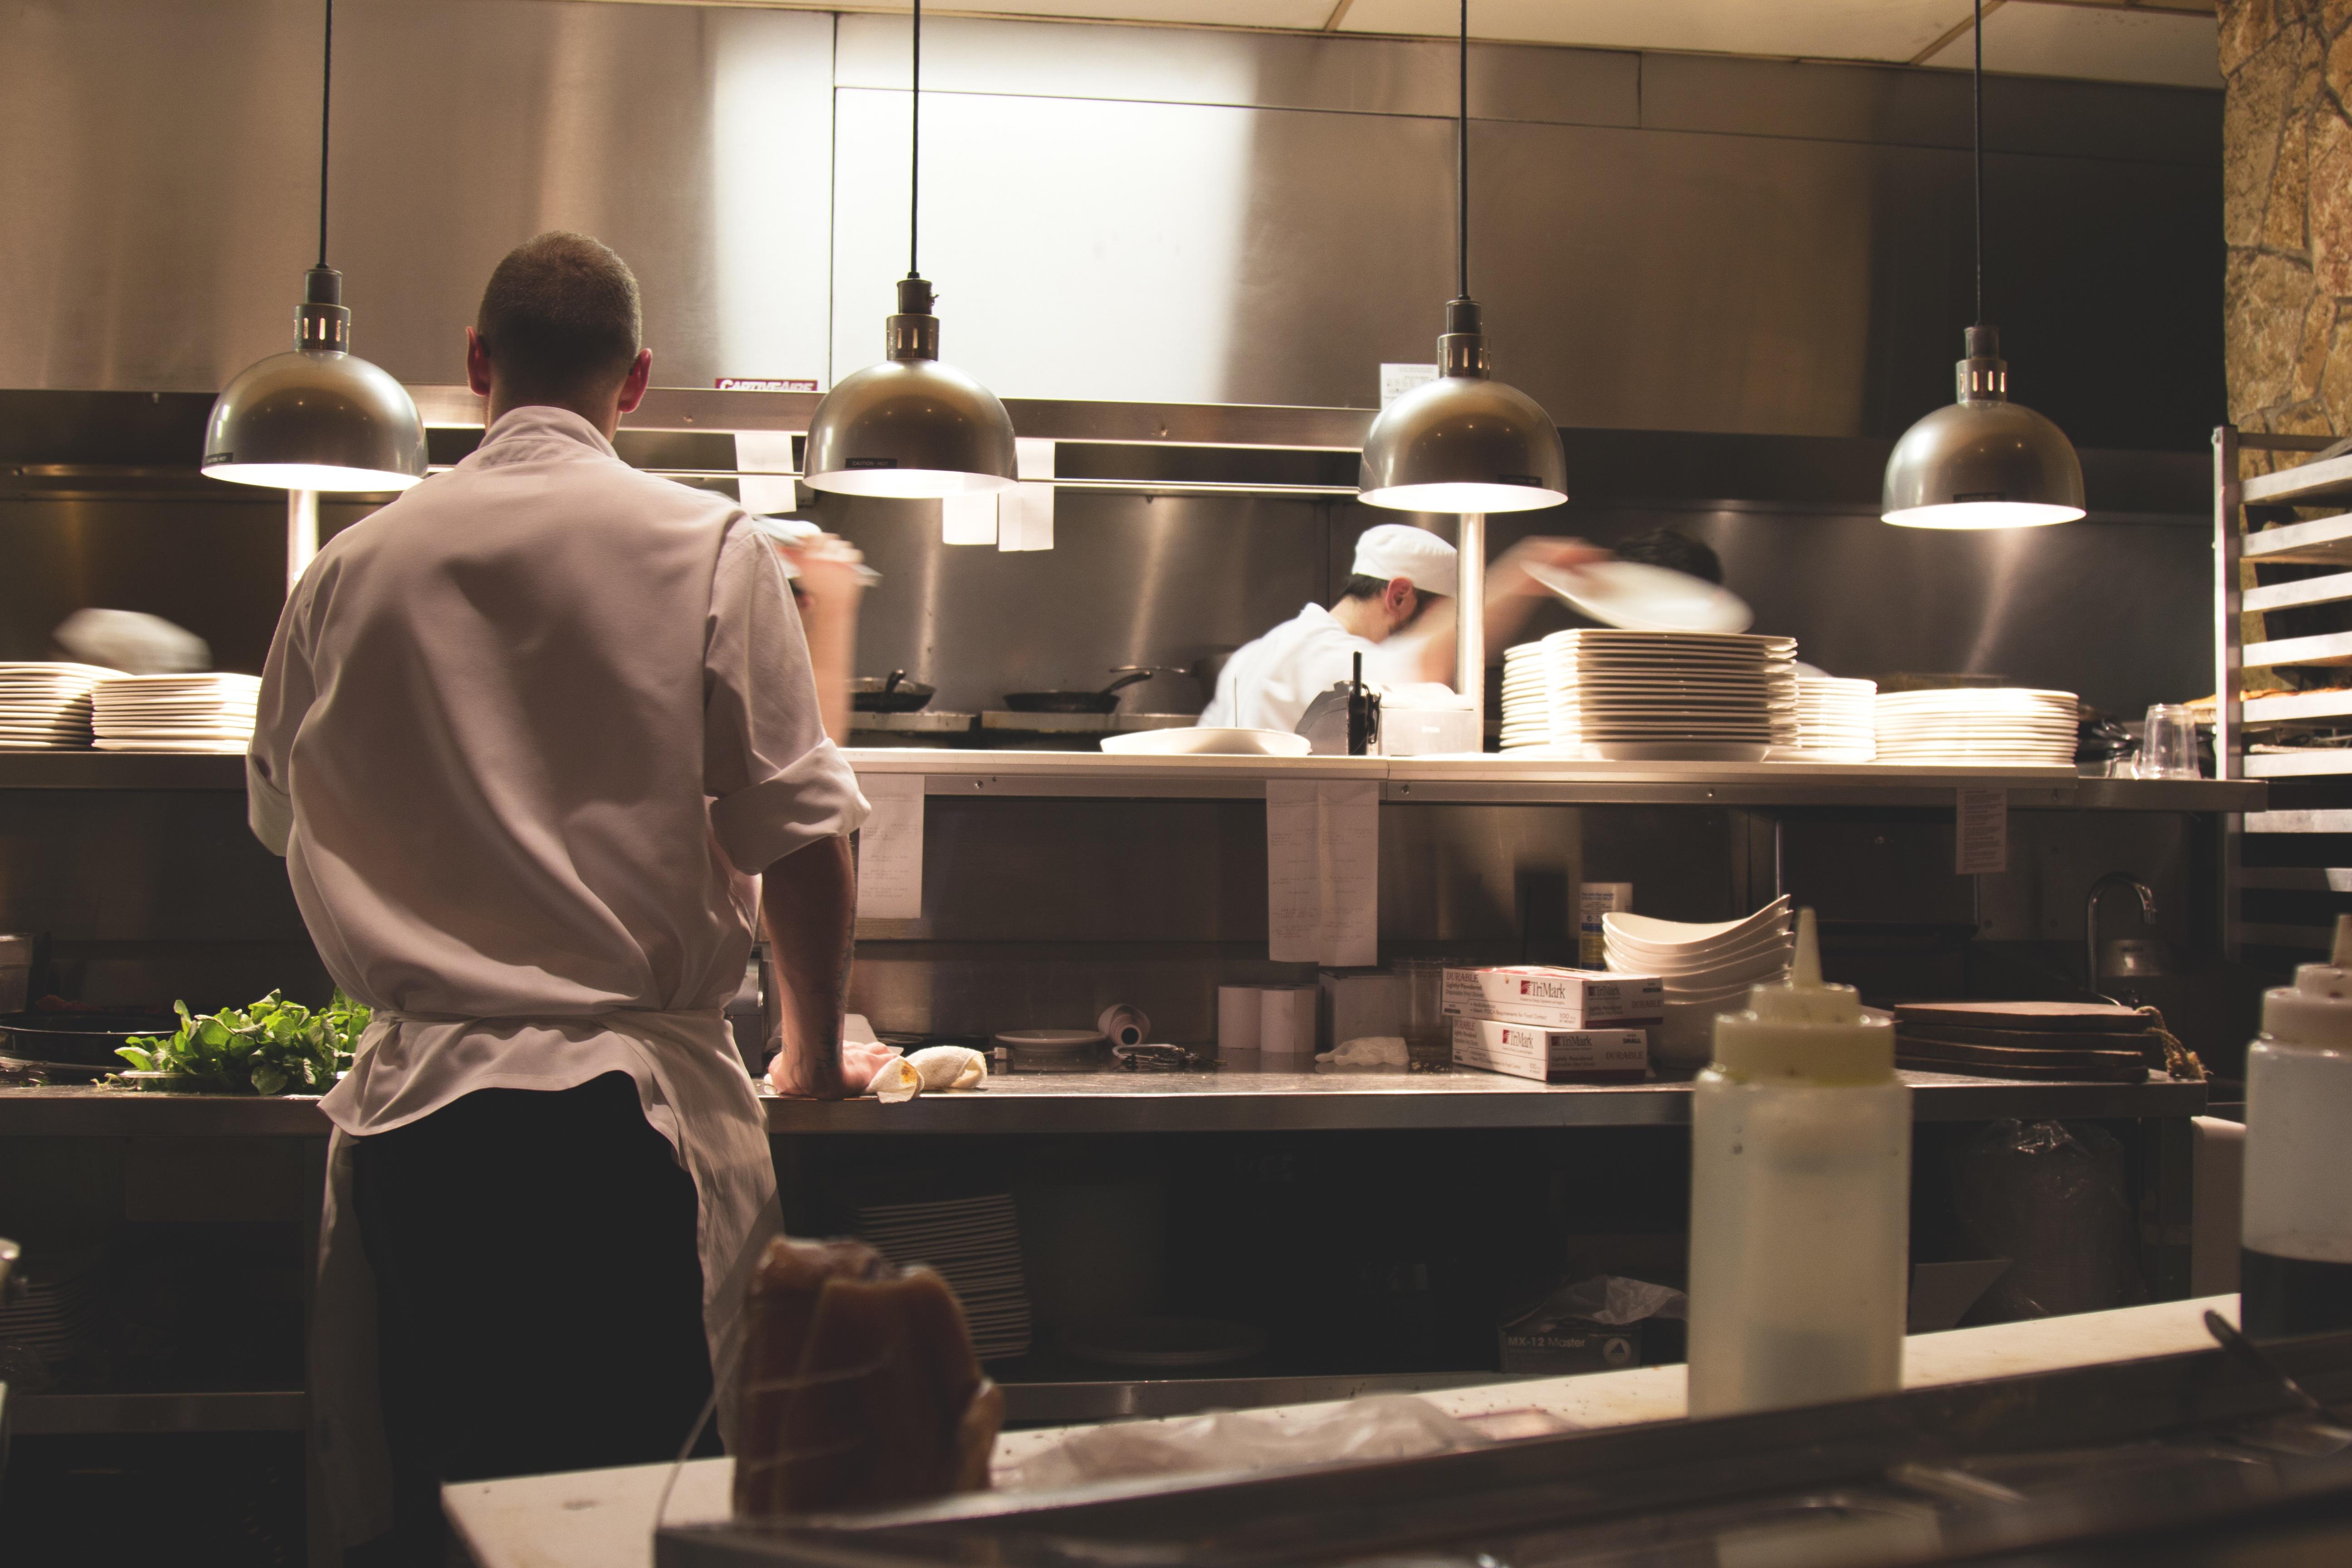 Gambar Restoran Makan Memasak Dapur Profesional Toko Roti